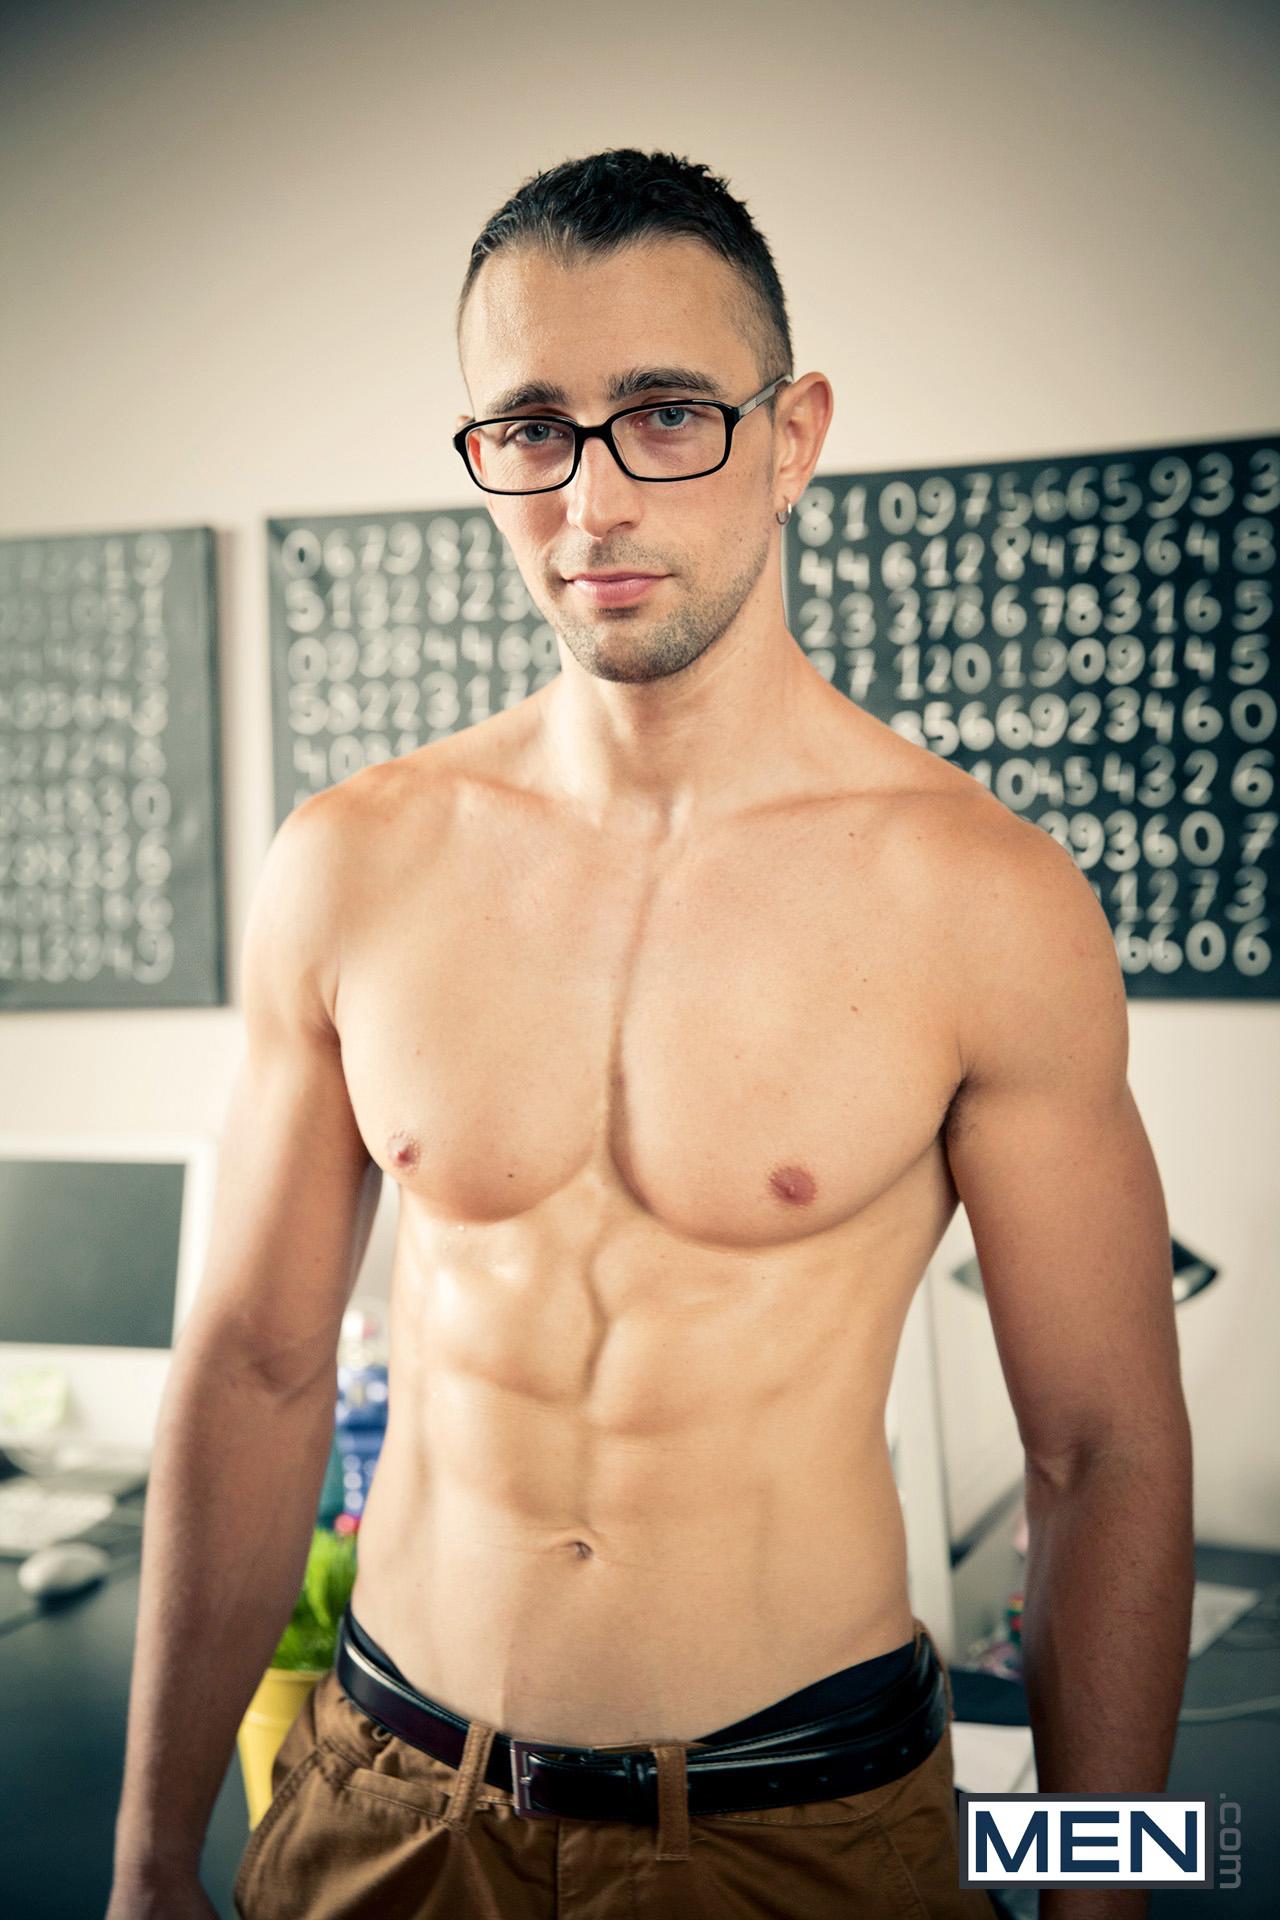 Actoresw Porno los actores porno gay andaluces más calientes | togayther